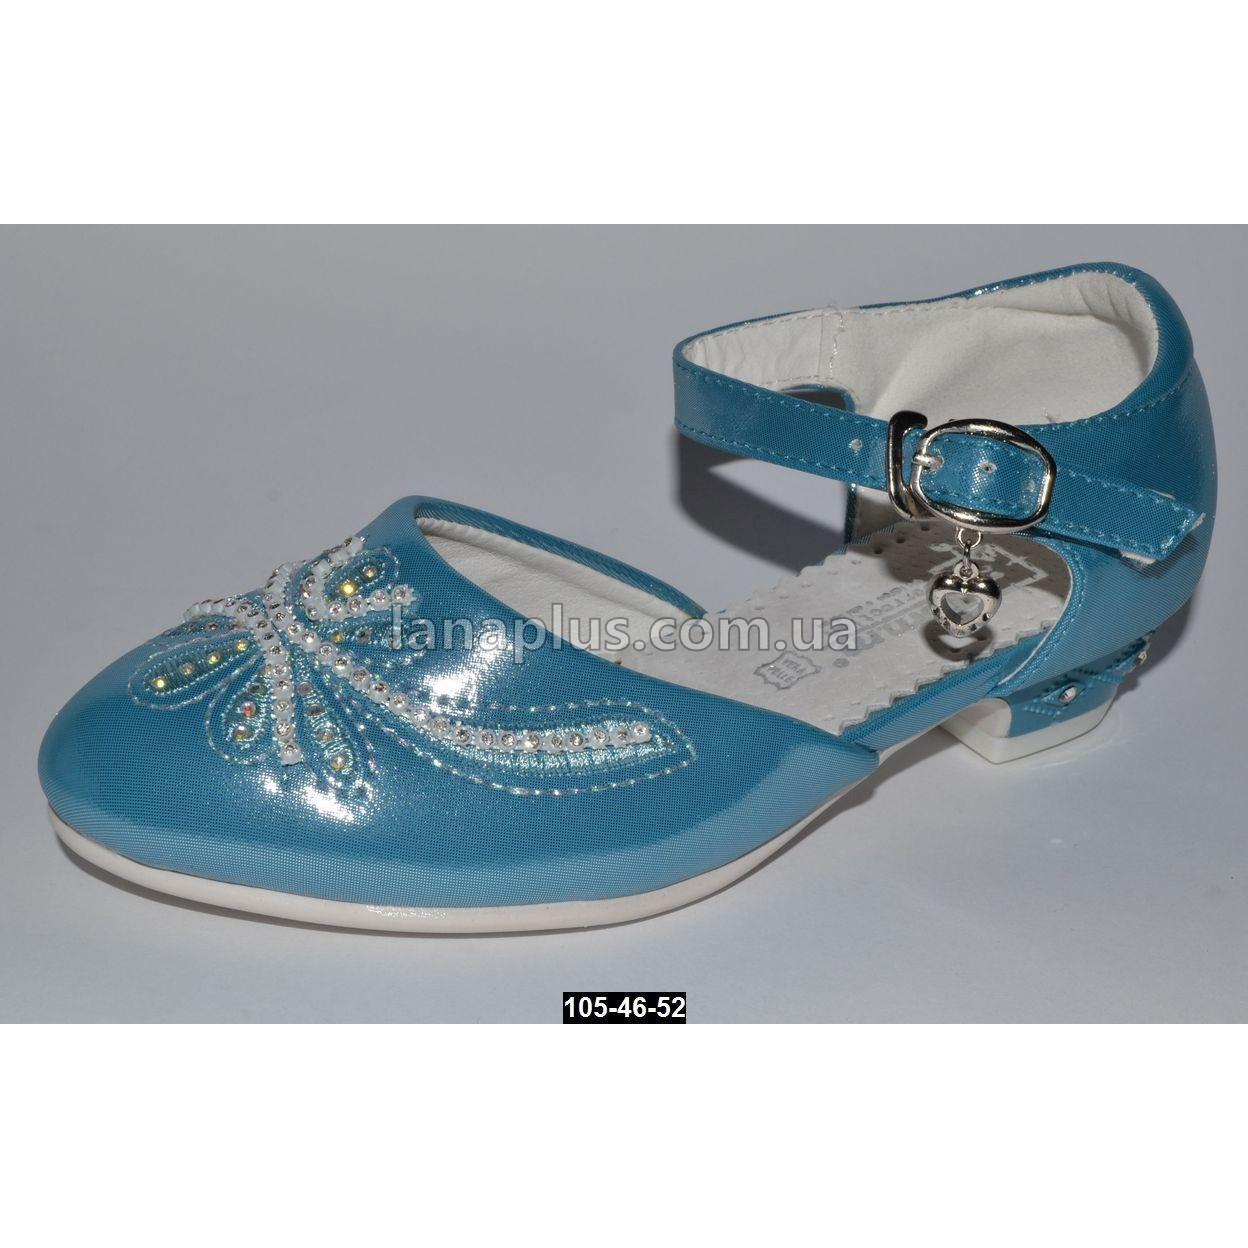 Нарядные туфли Tom.m для девочки 27 размер (18.2 см), праздничные туфельки на утренник